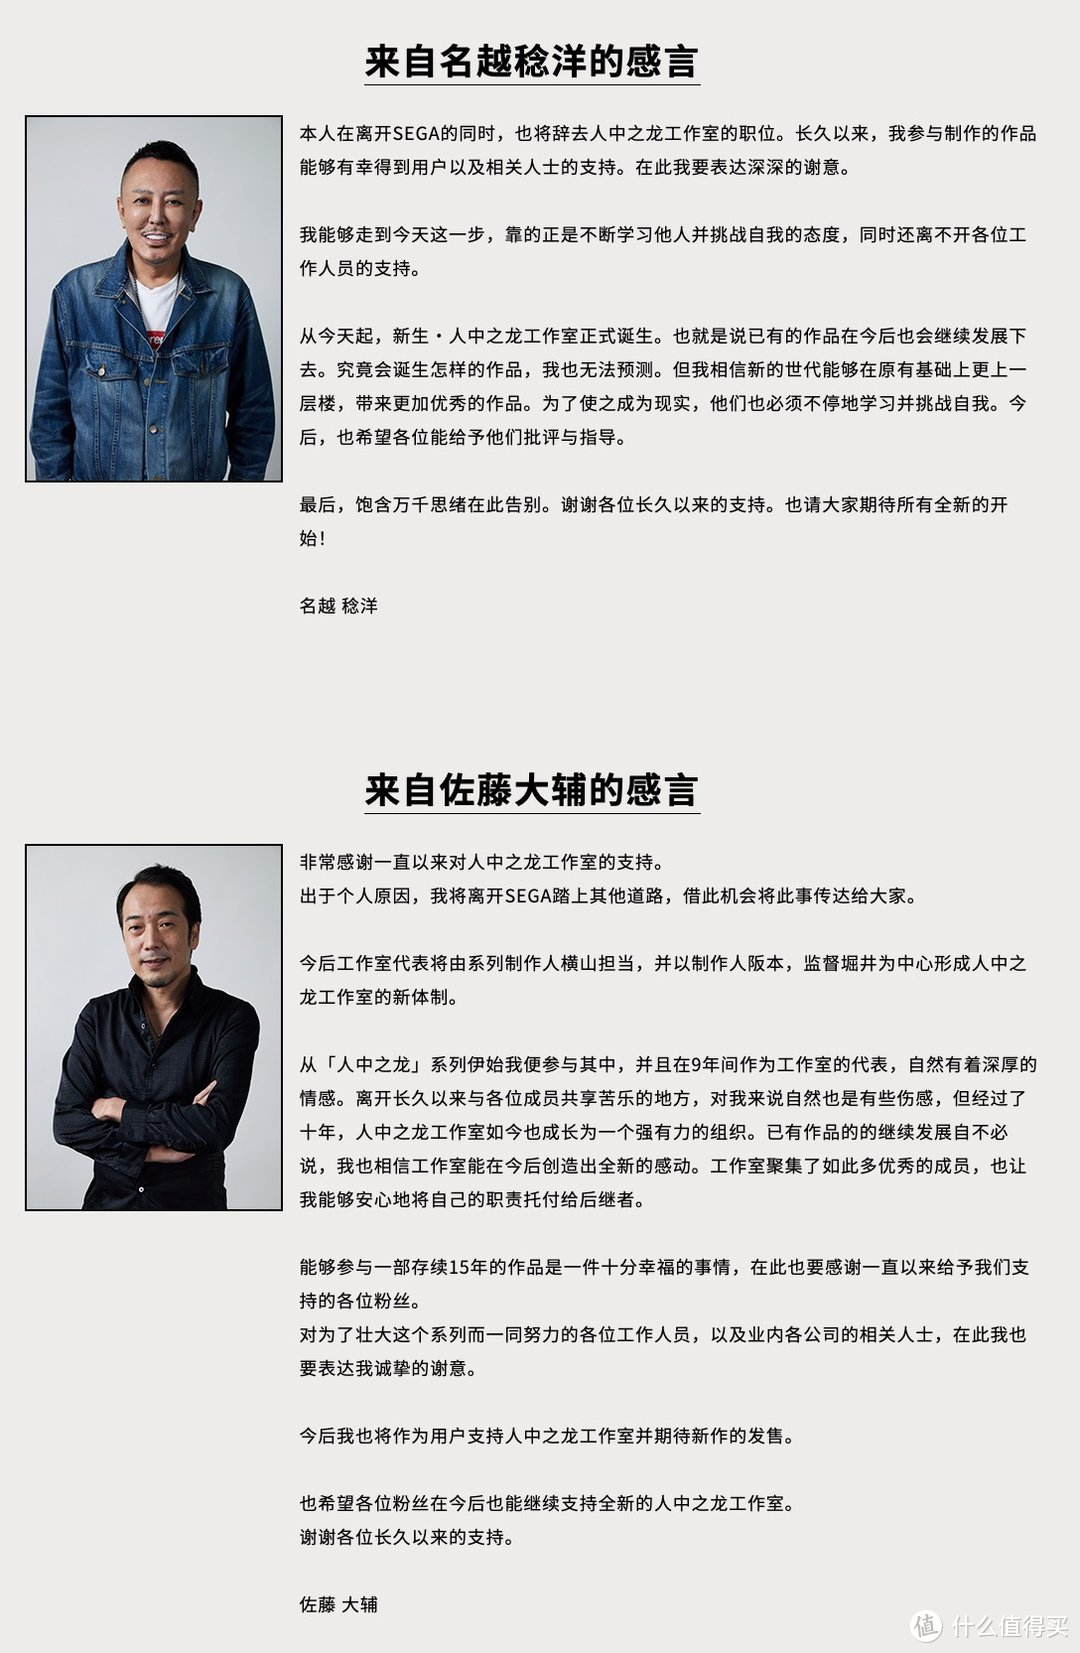 如龙工作室10周年结构重组,系列知名制作人名越稔洋离职